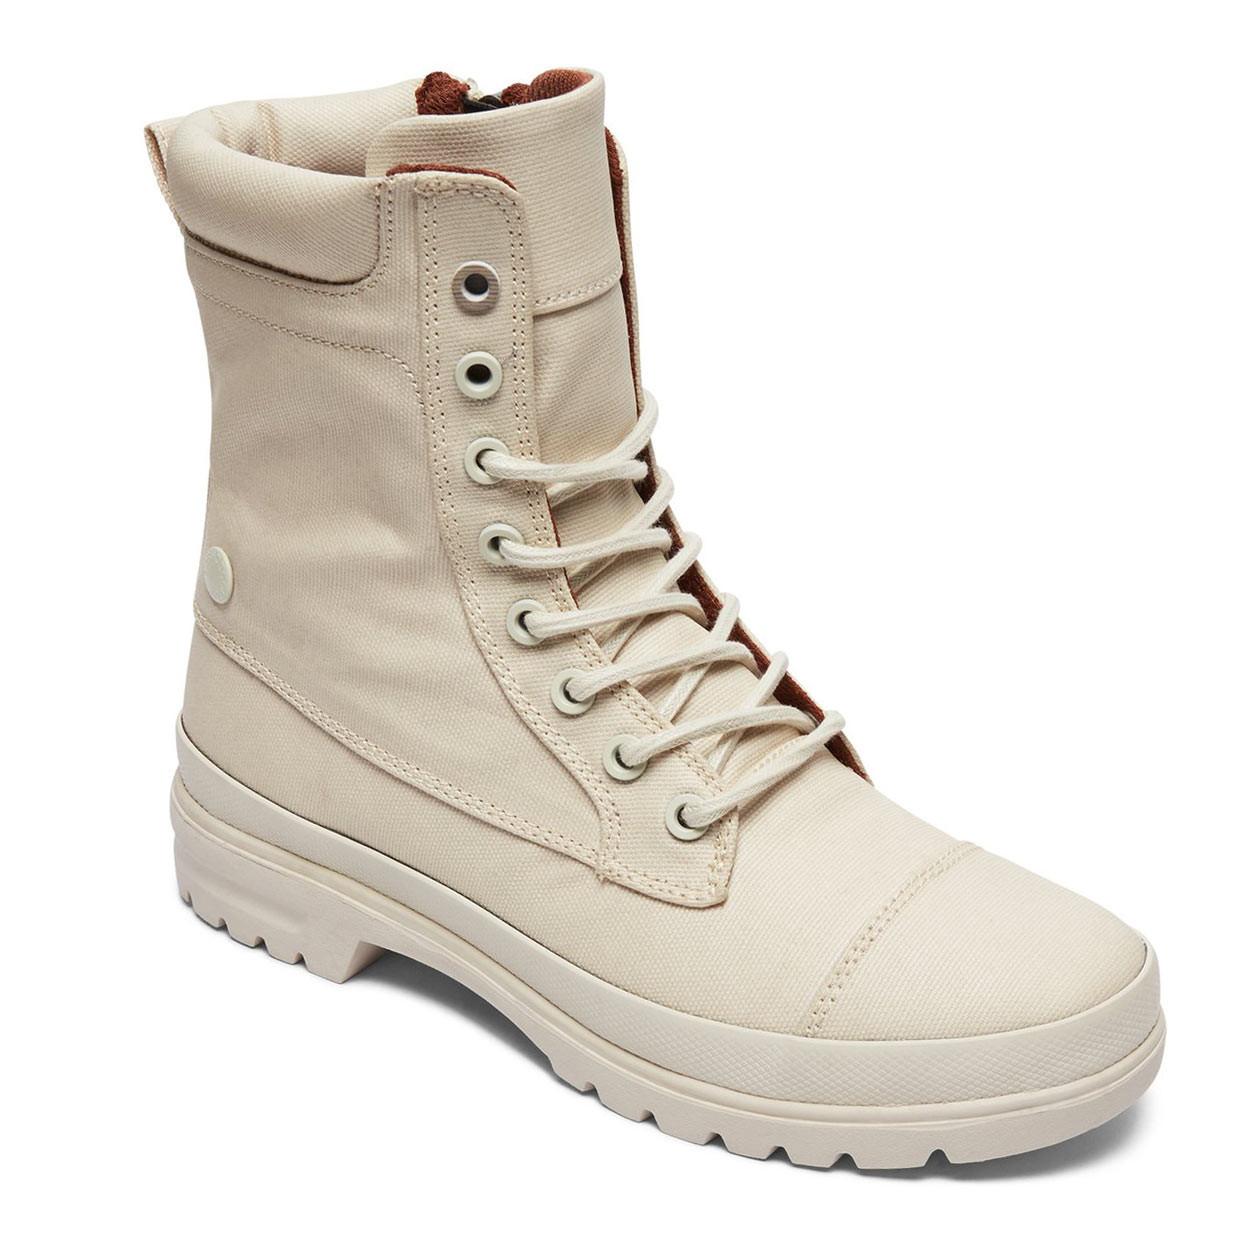 Zimní boty DC Amnesti Tx Se cream